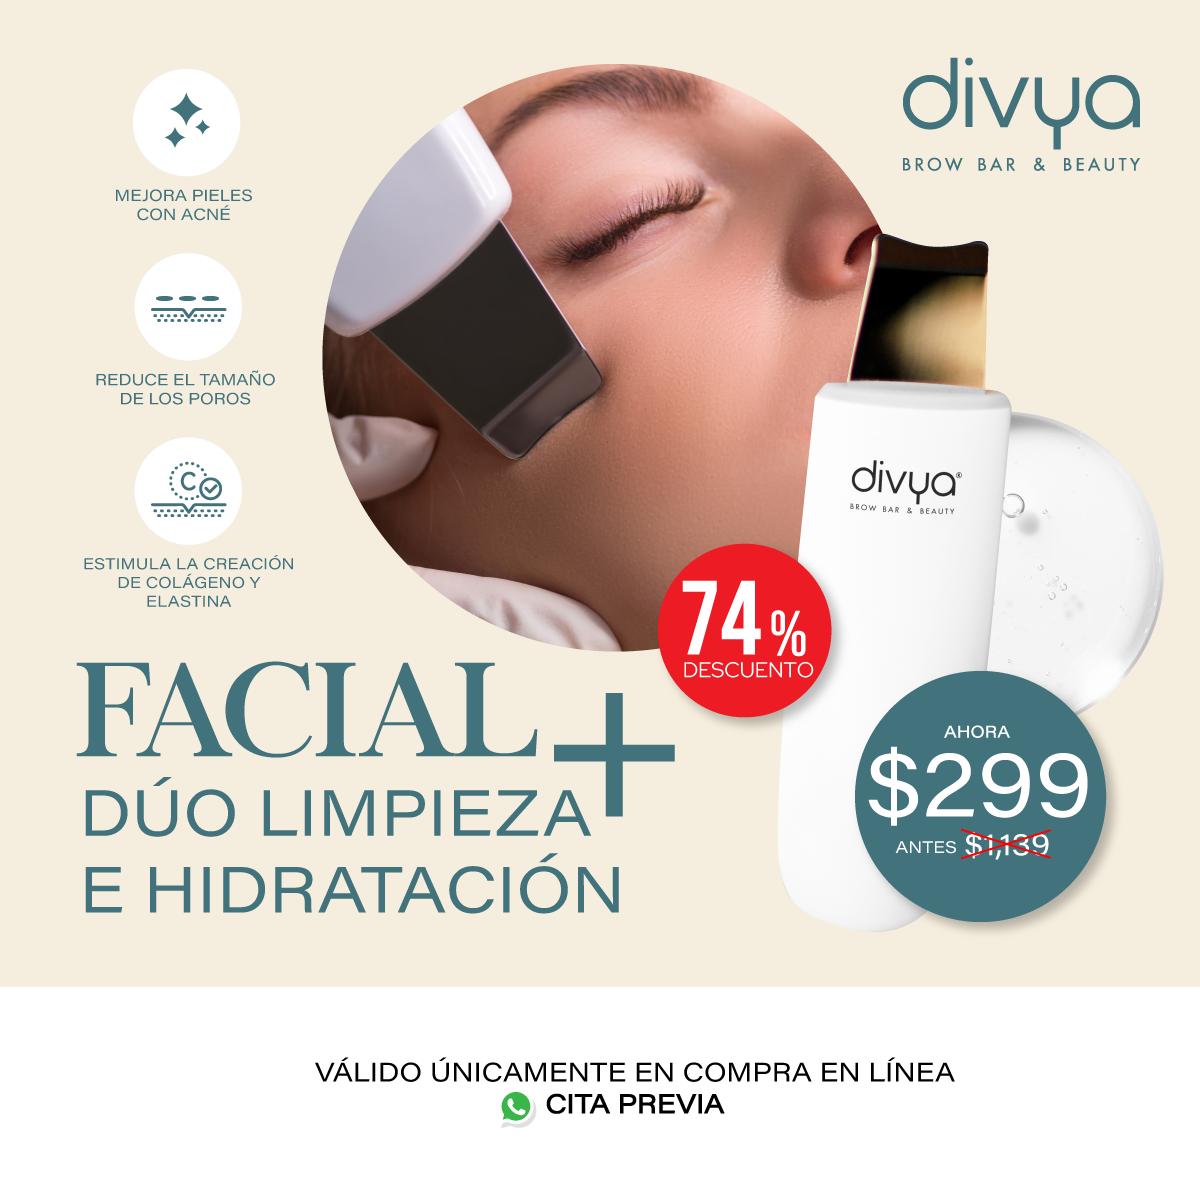 Facial Duo Limpieza + Hidratación- SÓLO PLAZA SATÉLITE&w=900&h=900&fit=crop